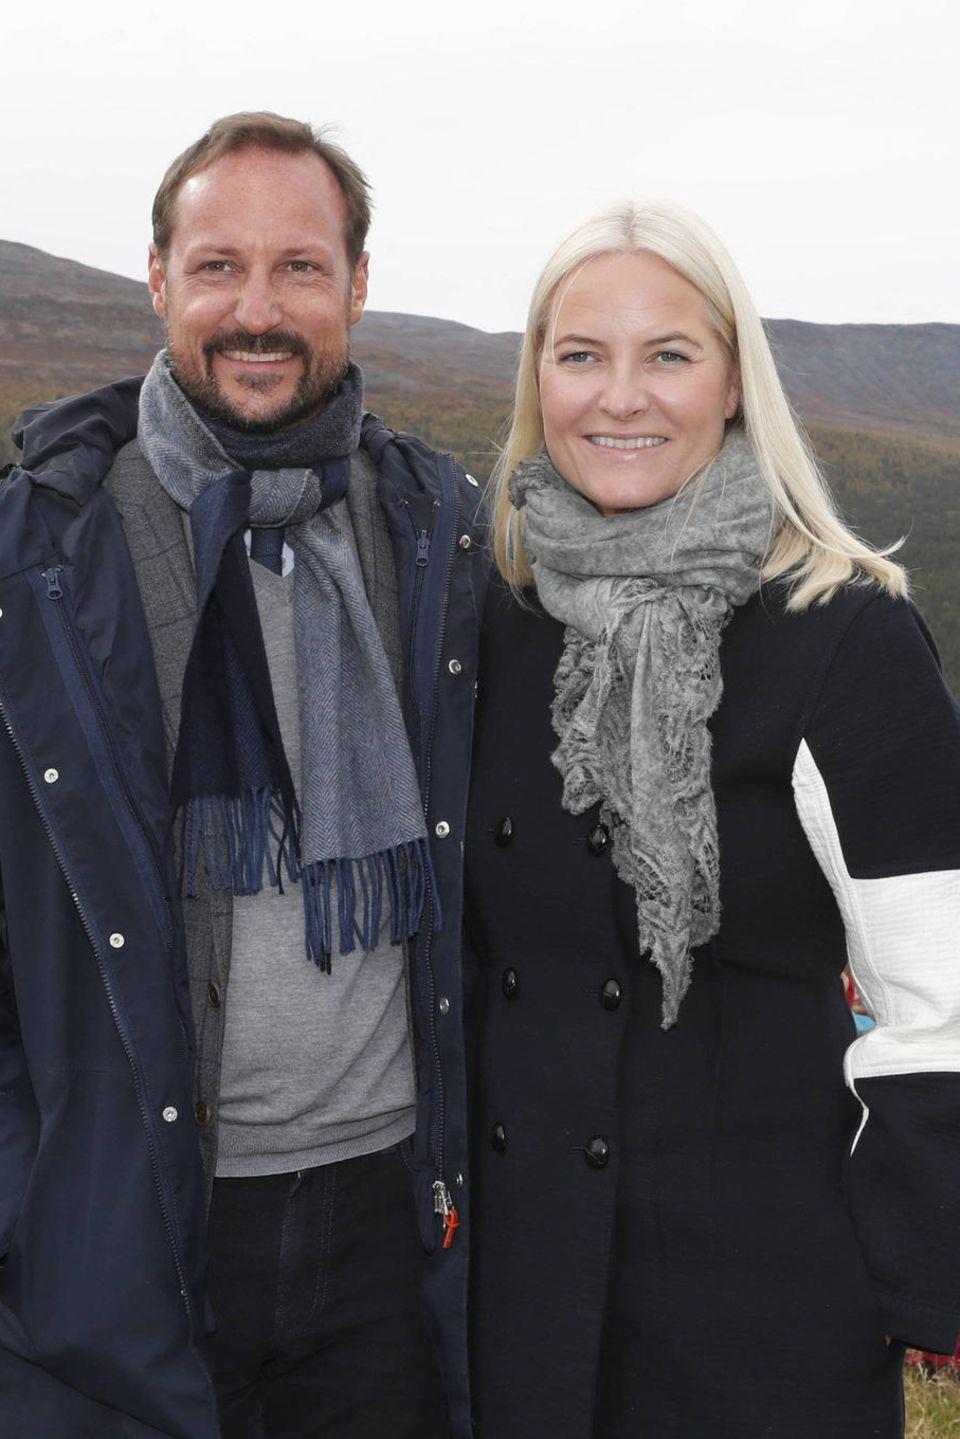 Zum Abschied posieren Prinz Haakon und Prinzessin Mette-Marit für ein Foto.